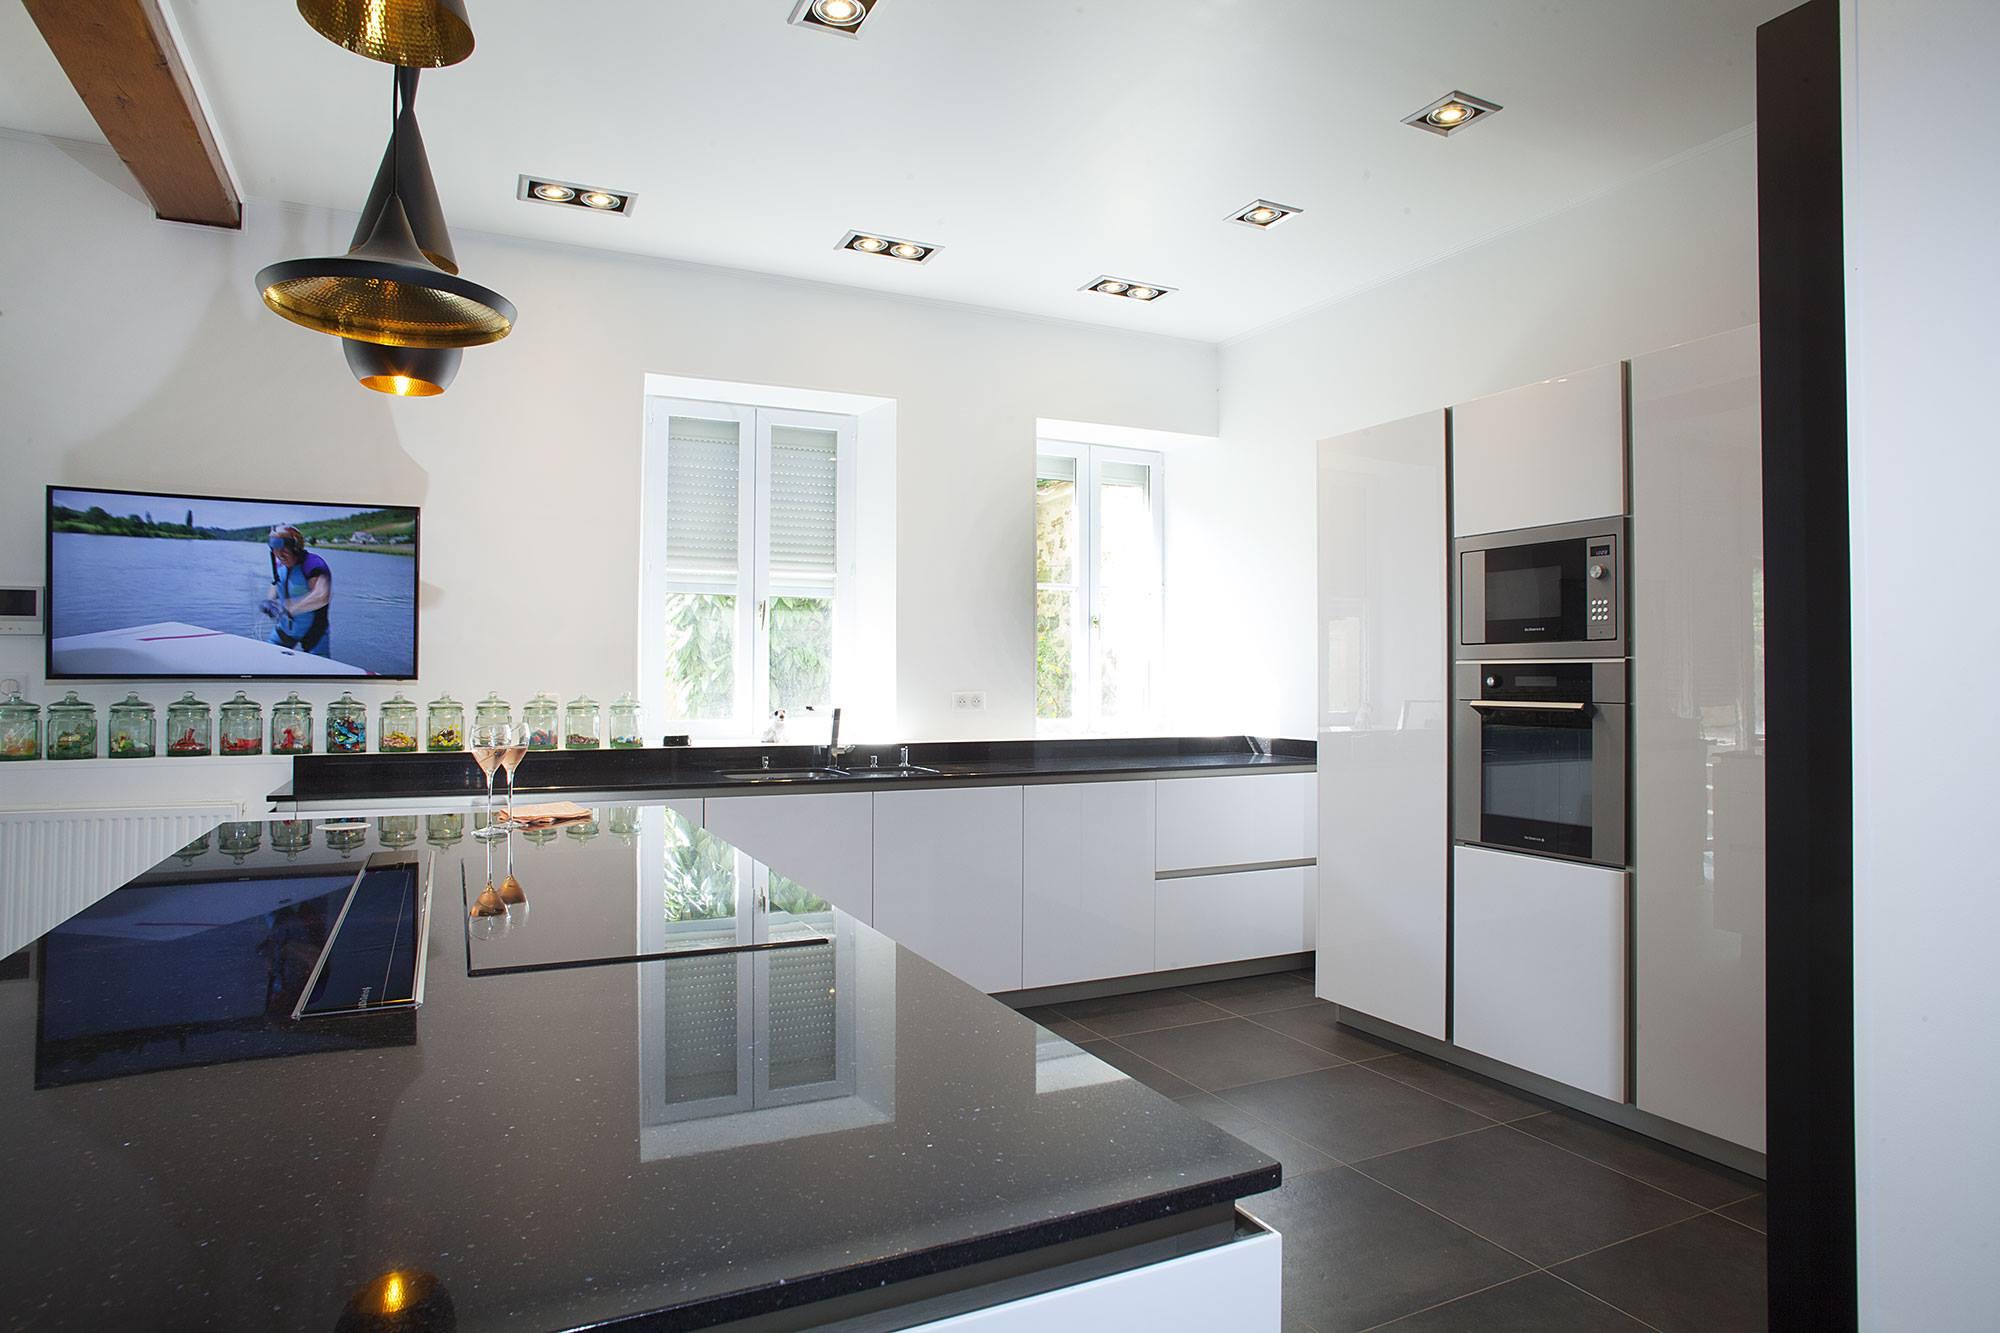 Snaidero greeploze witte designkeuken product in beeld startpagina voor keuken idee n uw - Onderwerp deco design keuken ...